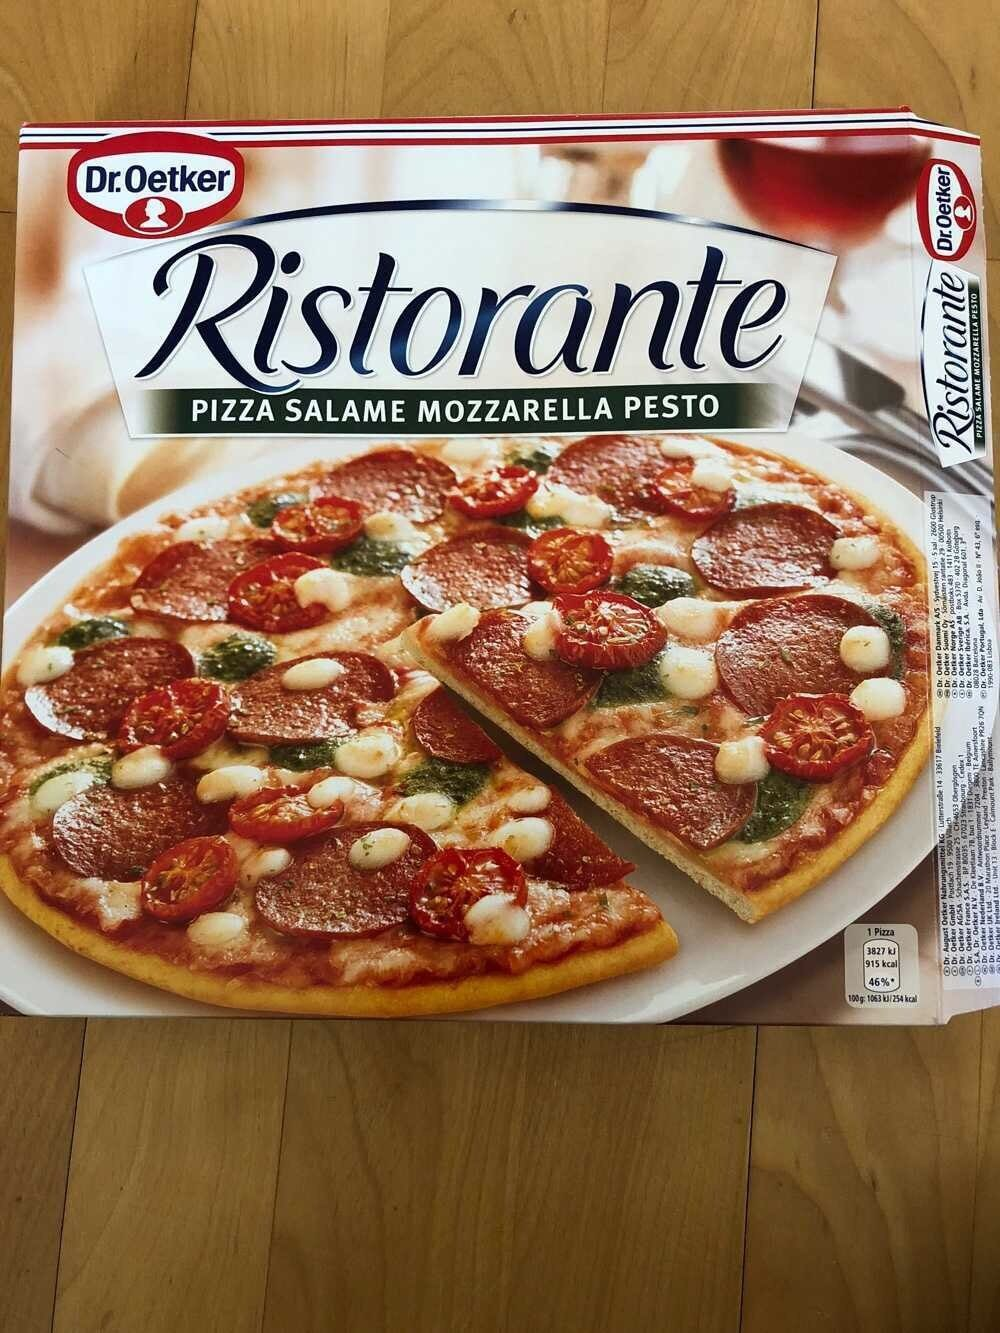 Ristorante Pizza Salame Mozzarella Pesto - Product